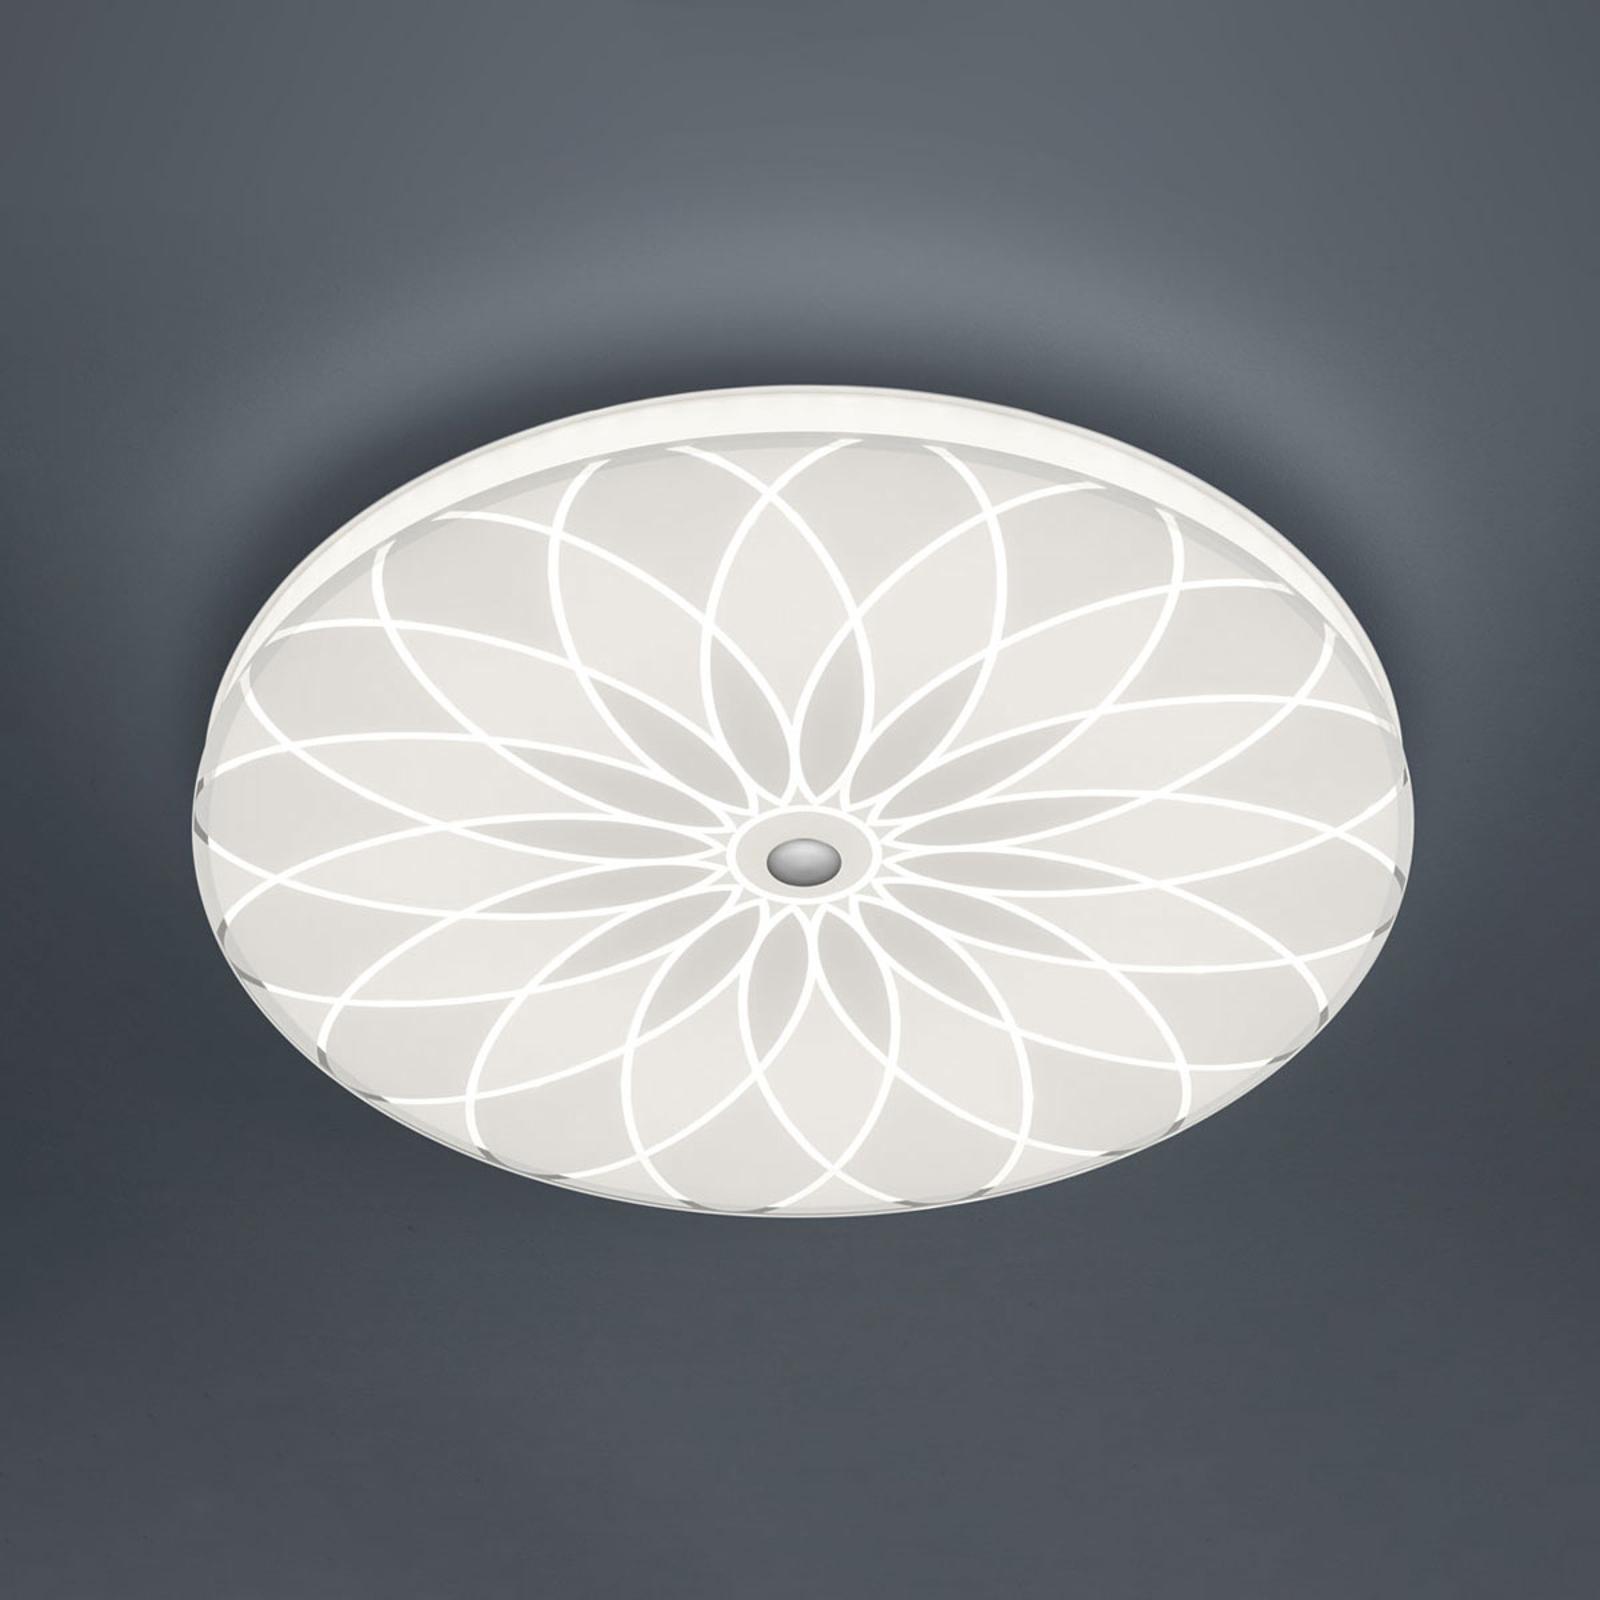 BANKAMP Mandala LED plafondlamp bloem, Ø 42 cm